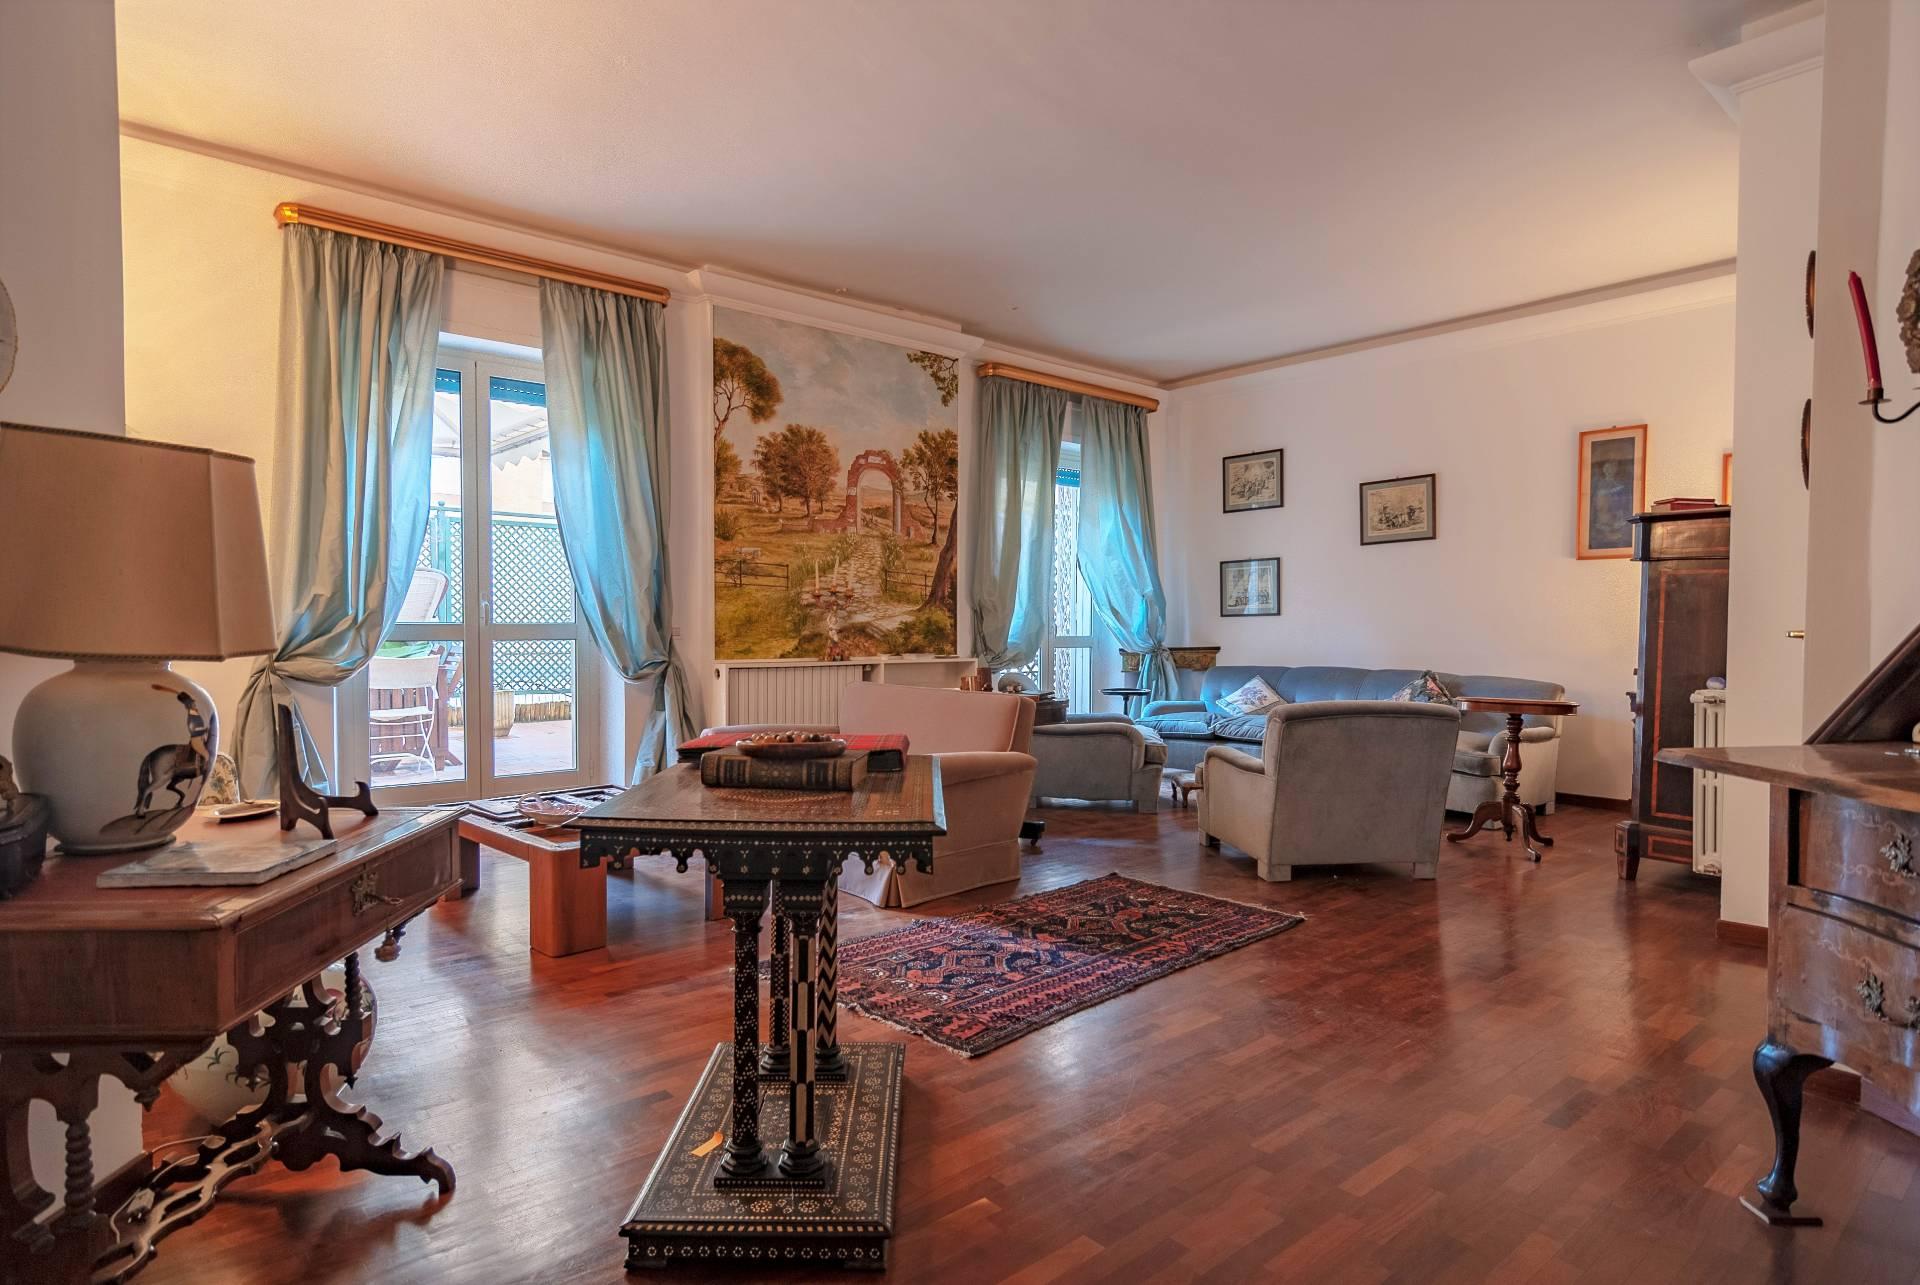 Appartamento in vendita a Viterbo, 5 locali, zona Località: LaQuercia, prezzo € 270.000   CambioCasa.it